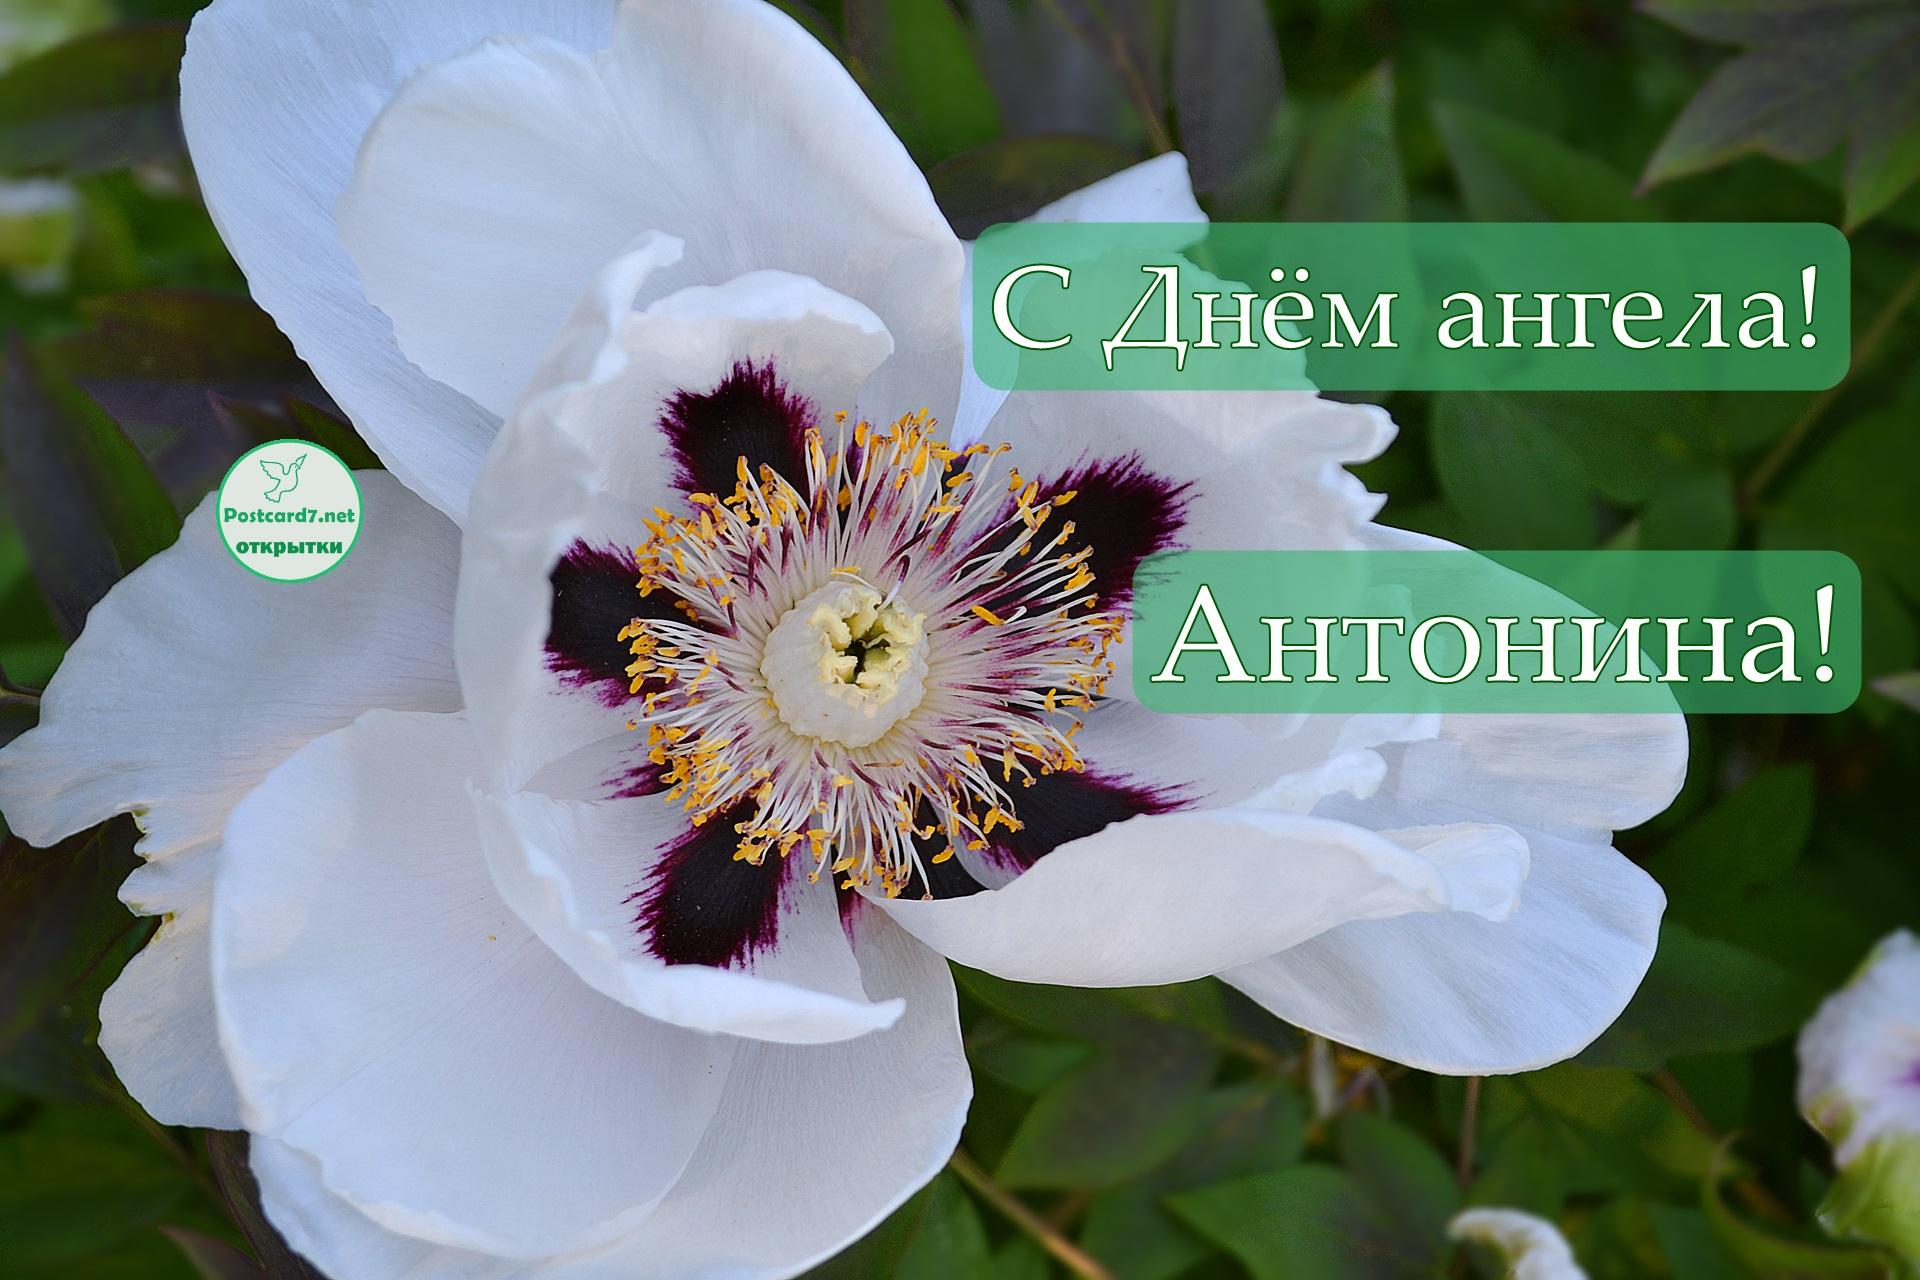 Белый пион Антонине в День ангела, открытка